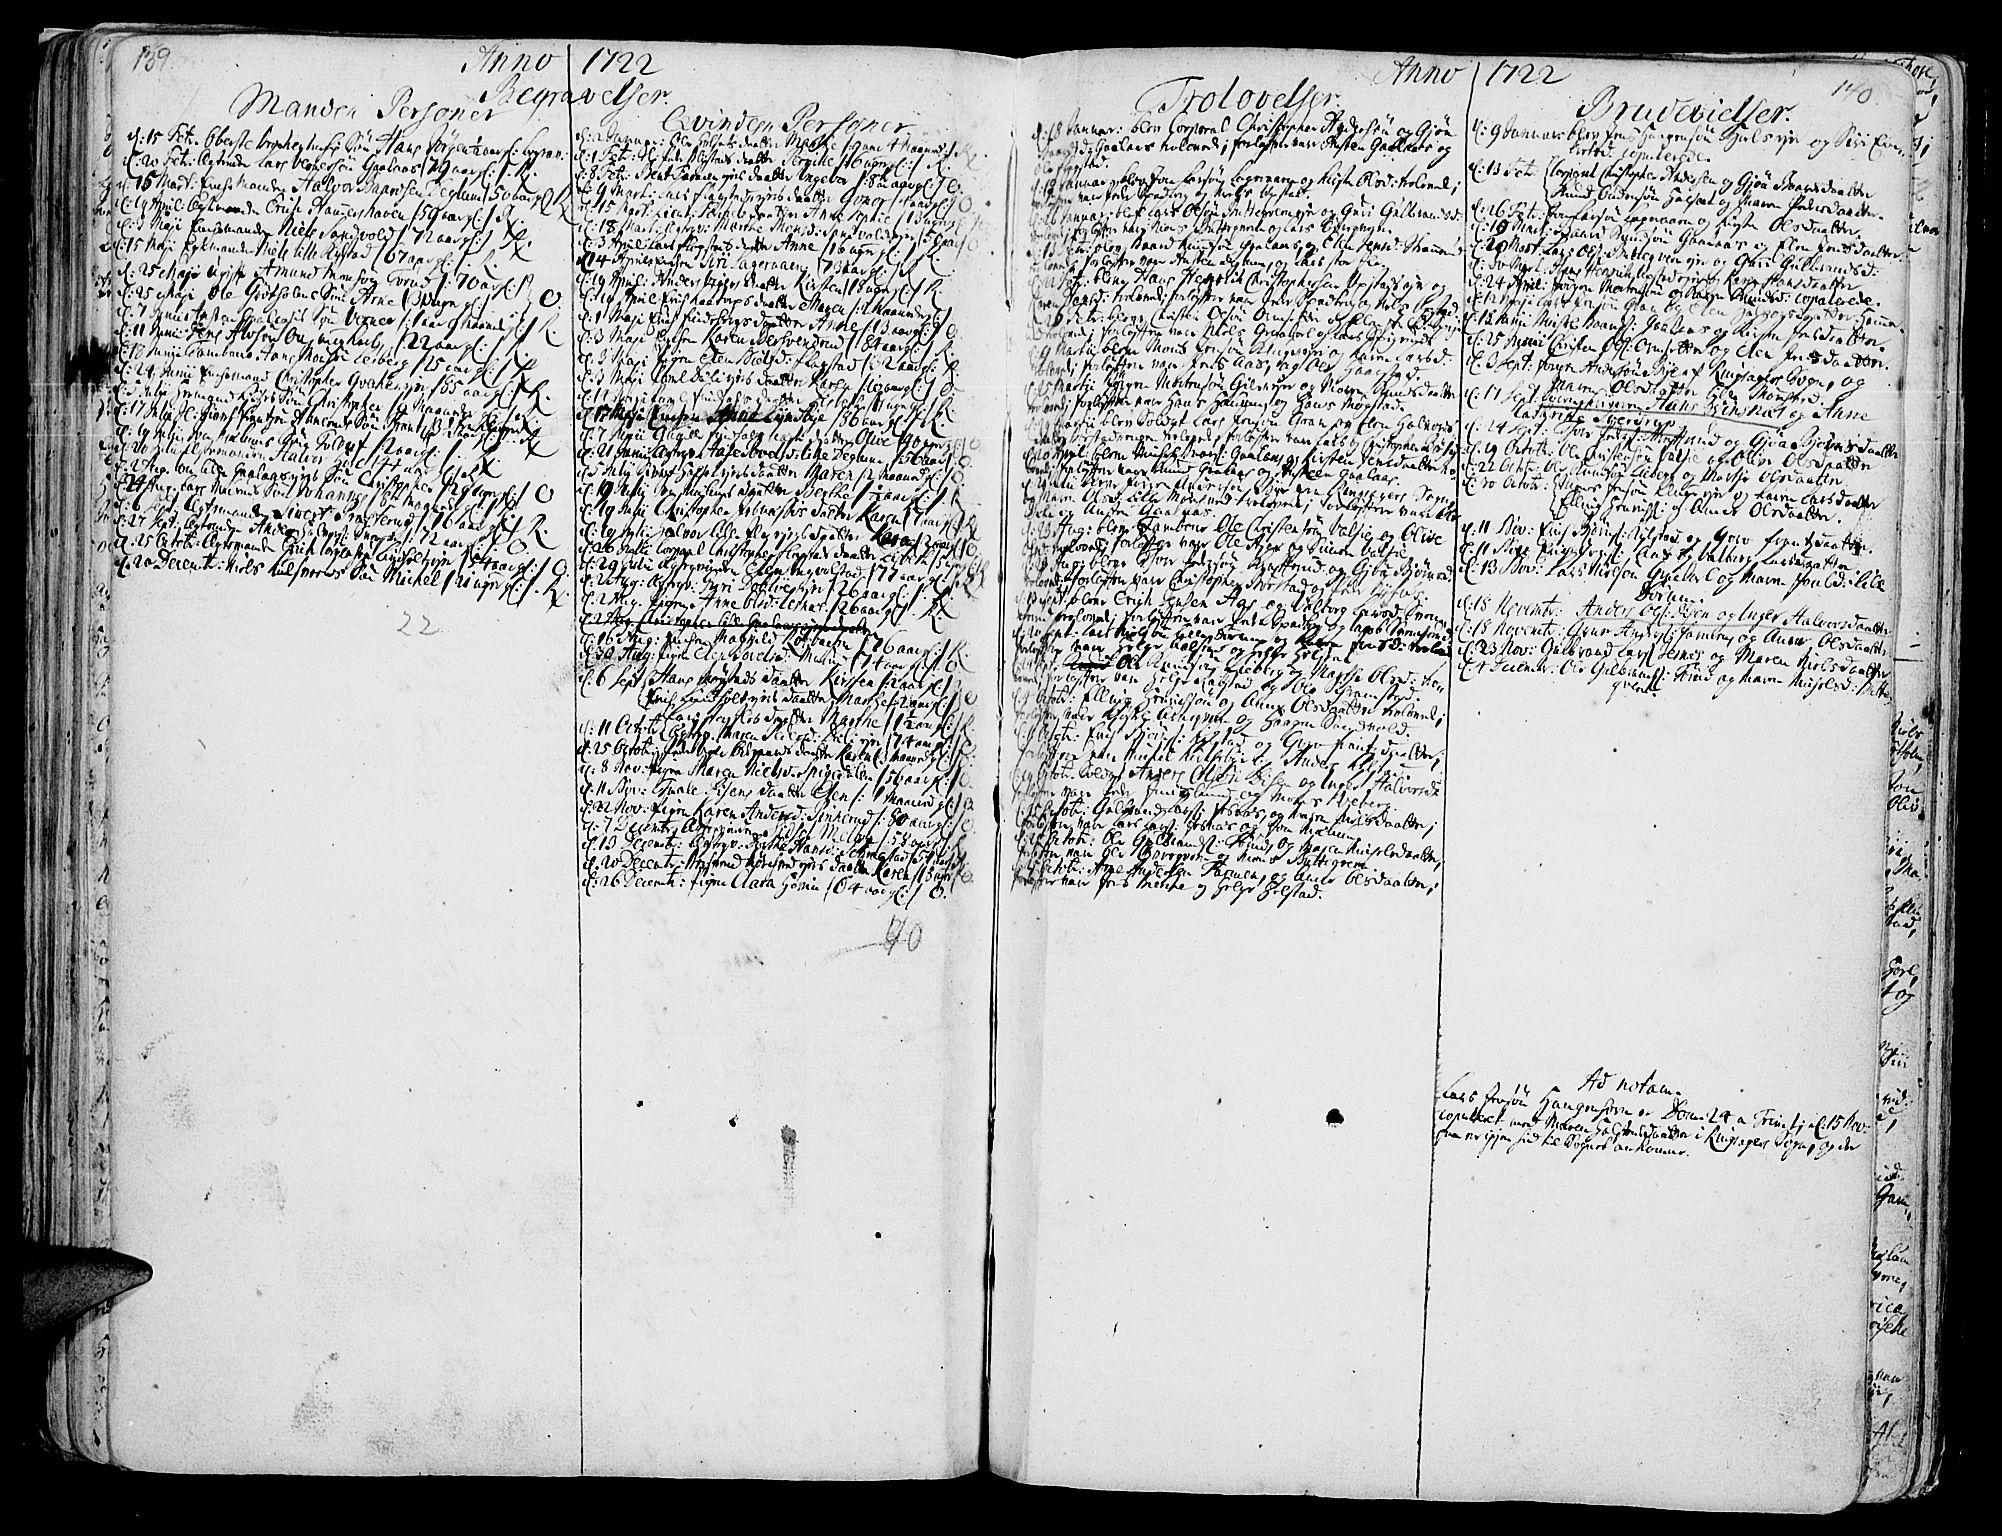 SAH, Vang prestekontor, Hedmark, H/Ha/Haa/L0002A: Ministerialbok nr. 2A, 1713-1733, s. 139-140